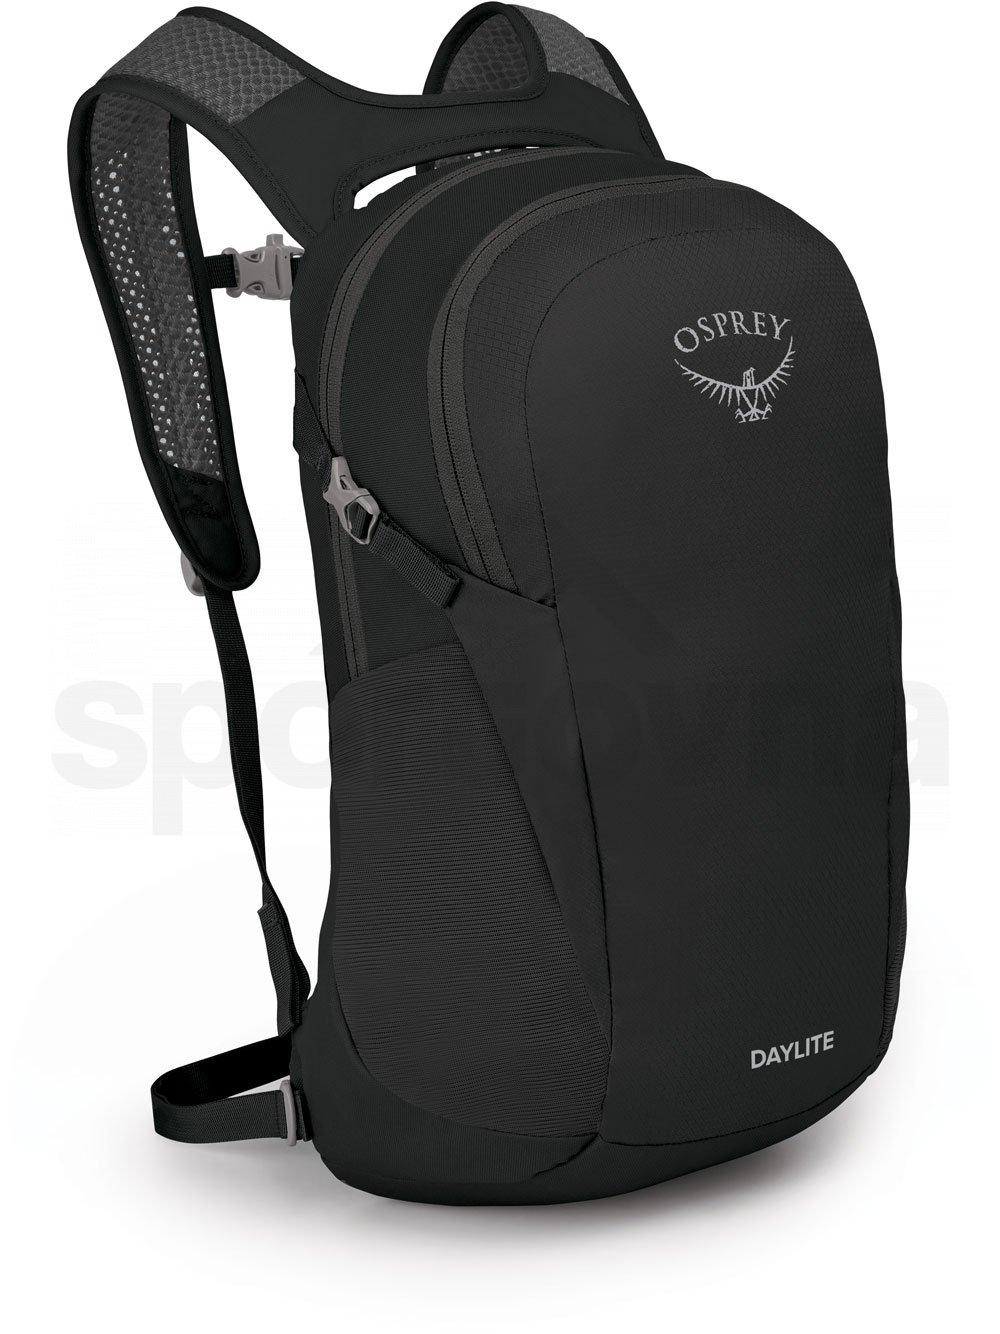 Batoh Osprey DAYLITE černá